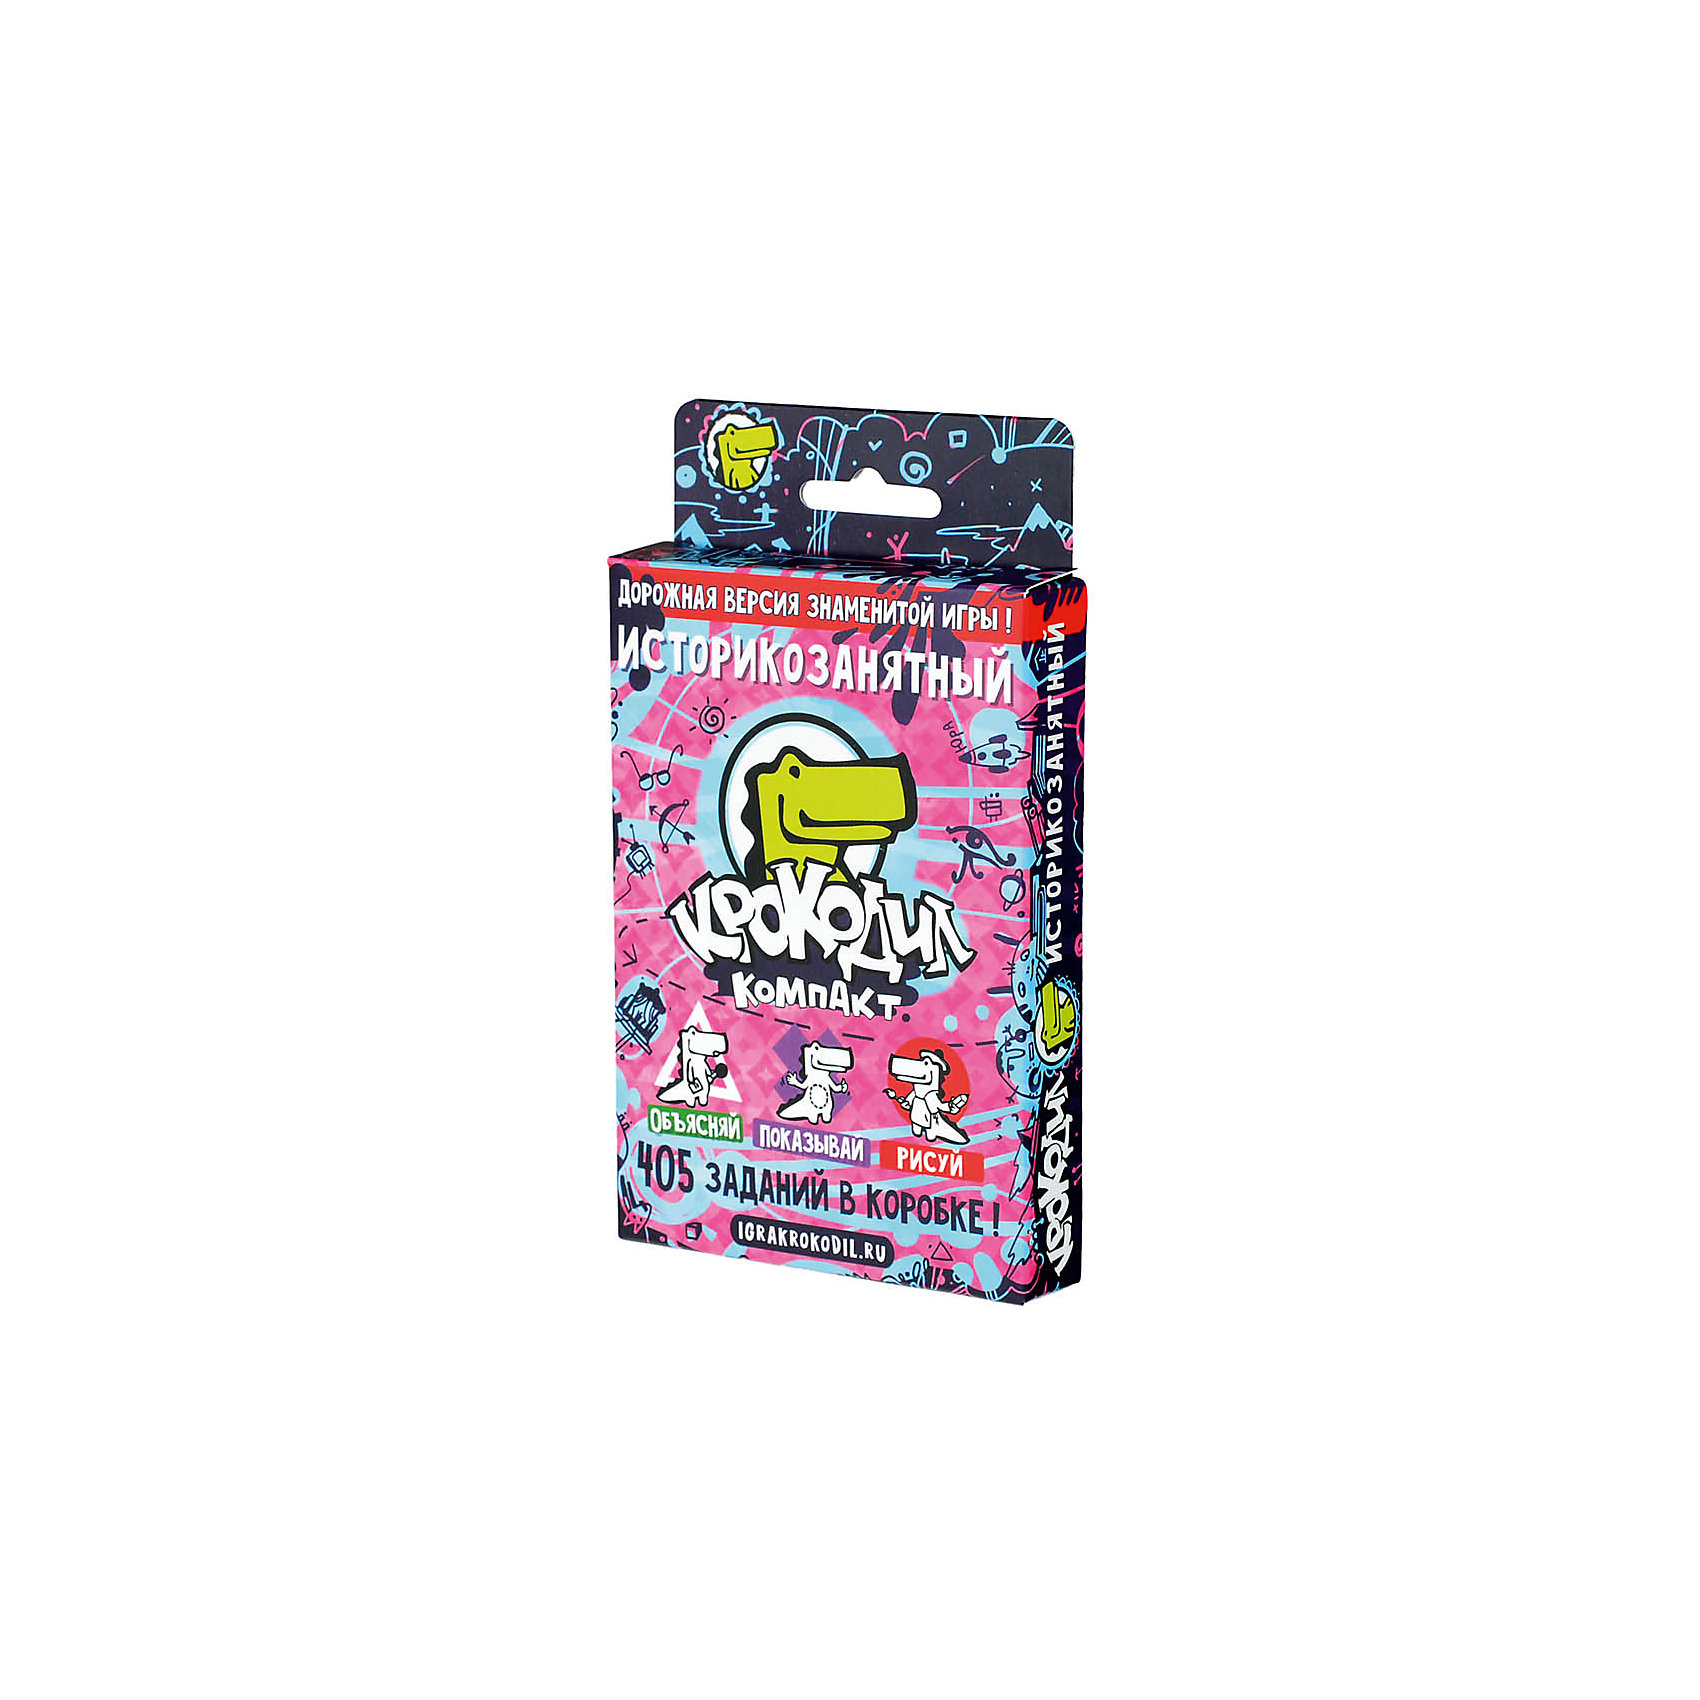 Настольная игра Крокодил ИсторикоЗанятный, МагелланНастольные игры для всей семьи<br>Характеристики:<br><br>• возраст: от 12 лет<br>• комплектация: 88 карт с заданиями; 11 карт плюшек-ловушек, которые помогут упростить задание для своей команды или усложнить его для соперников; 5 карт финиша; правила.<br>• материал: картон<br>• количество игроков: от 4 до 16 человек<br>• время игры: 30-45 минут<br>• упаковка: картонная коробка<br>• размер упаковки: 16х9х2 см.<br>• вес: 170 гр.<br><br>Специальное тематическое издание Крокодила в «дорожном» формате. Игру можно взять с собой куда угодно - в поезд, в автобус, на дачу. «ИсторикоЗанятный Крокодил» особенно интересный, потому что объяснить Восстание декабристов не так уж сложно, а вот показать жестами Эмансипацию или нарисовать Киевское княжество — та ещё задачка.<br><br>В комплект входит 88 плотные карточки с 440 различными заданиями трех видов: «объясни», «покажи» и «нарисуй». Игроки делятся на команды и выполняют задания согласно поставленной задаче. Карту с заданием видит команда противников, а объяснять его нужно своей команде. У каждого игрока есть минута, а уж сколько карт он «отработает» за это время, зависит от его таланта и взаимопонимания в команде. Можно облегчить свои объяснения специальными плюшками или усложнить задачу противника хитрыми ловушками.<br><br>Игра развивает воображение, учит работать в команде, креативно и логически мыслить.<br><br>Настольную игру Крокодил ИсторикоЗанятный, Магеллан можно купить в нашем интернет-магазине.<br><br>Ширина мм: 160<br>Глубина мм: 90<br>Высота мм: 20<br>Вес г: 170<br>Возраст от месяцев: 144<br>Возраст до месяцев: 2147483647<br>Пол: Унисекс<br>Возраст: Детский<br>SKU: 7036644